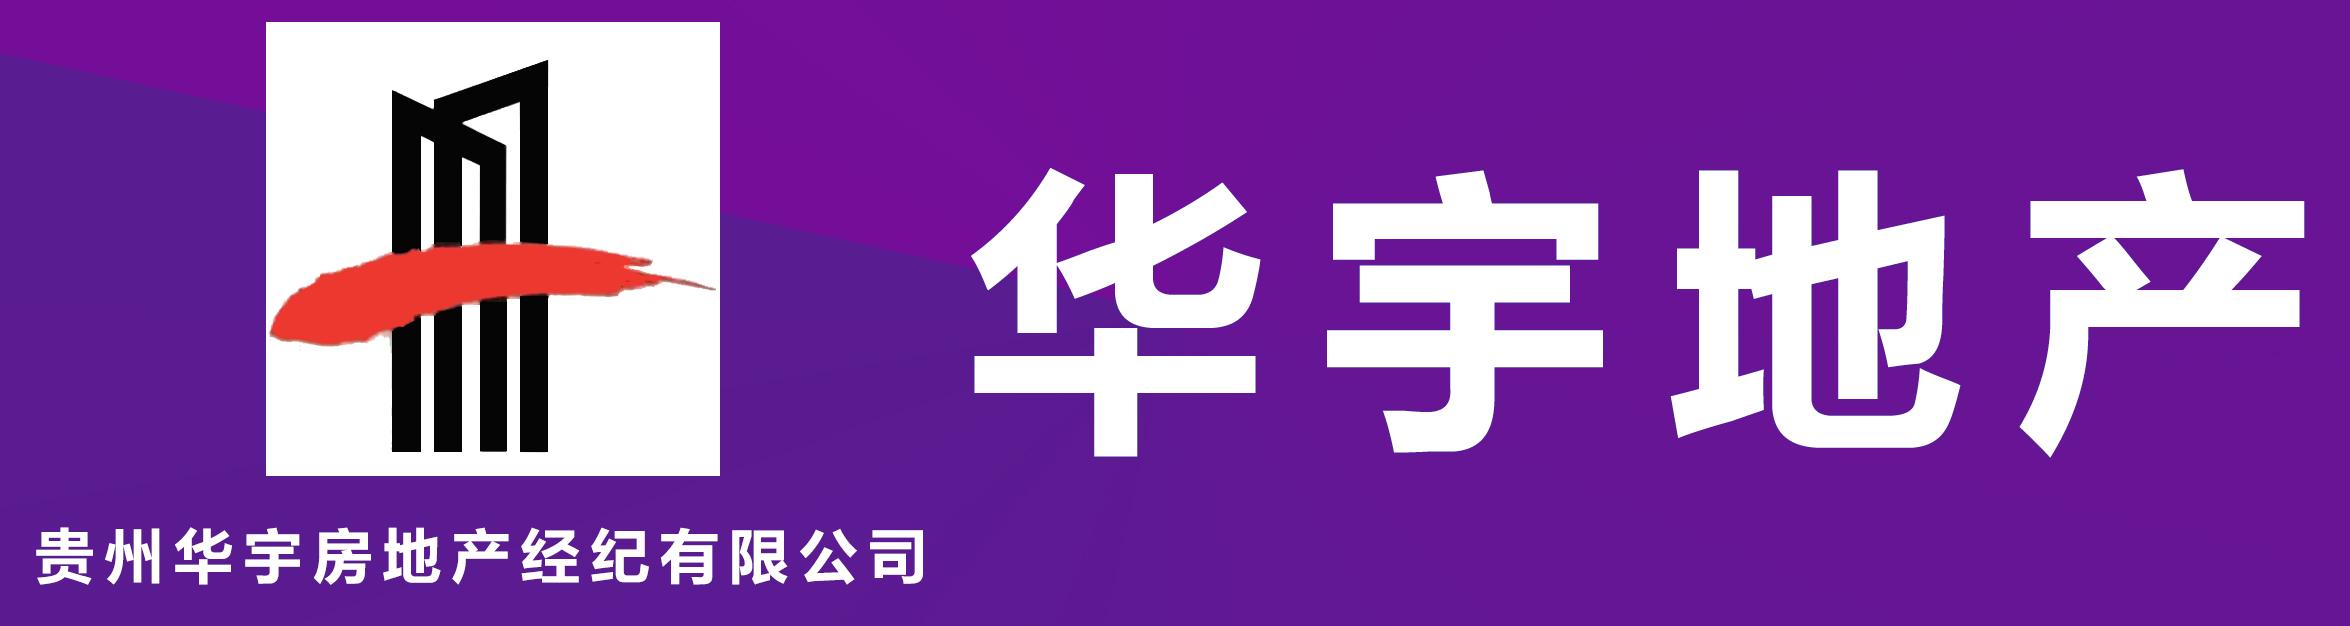 开阳华宇房地产经纪有限公司